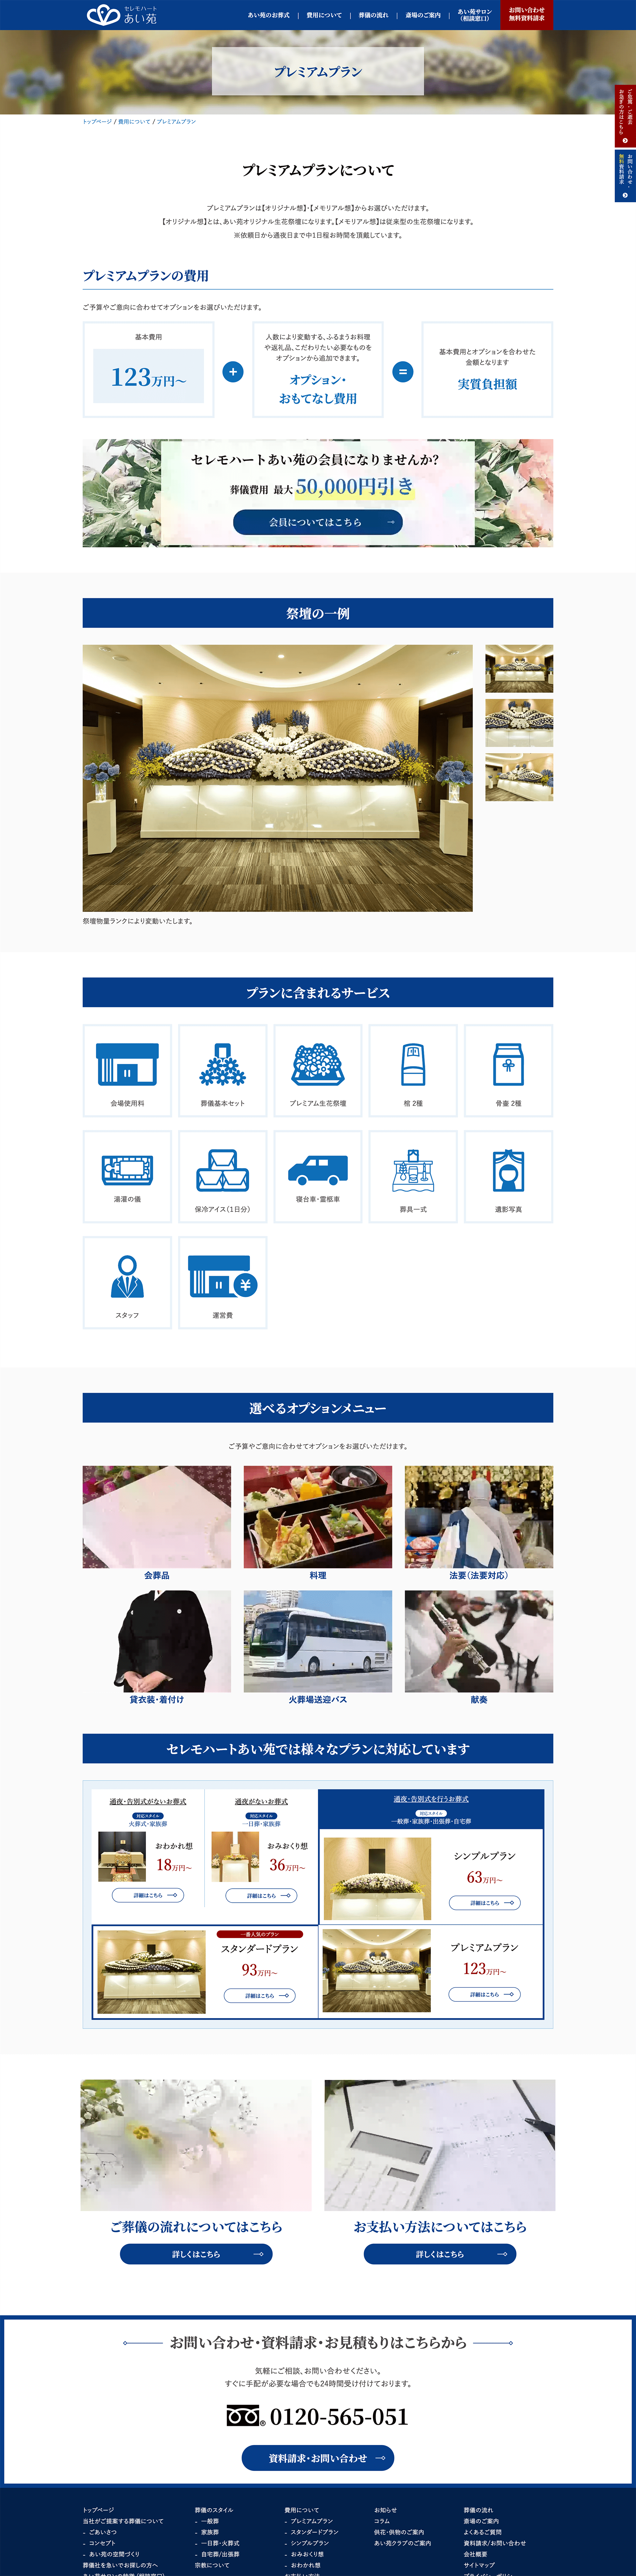 株式会社藍苑様 ホームページ PC画像